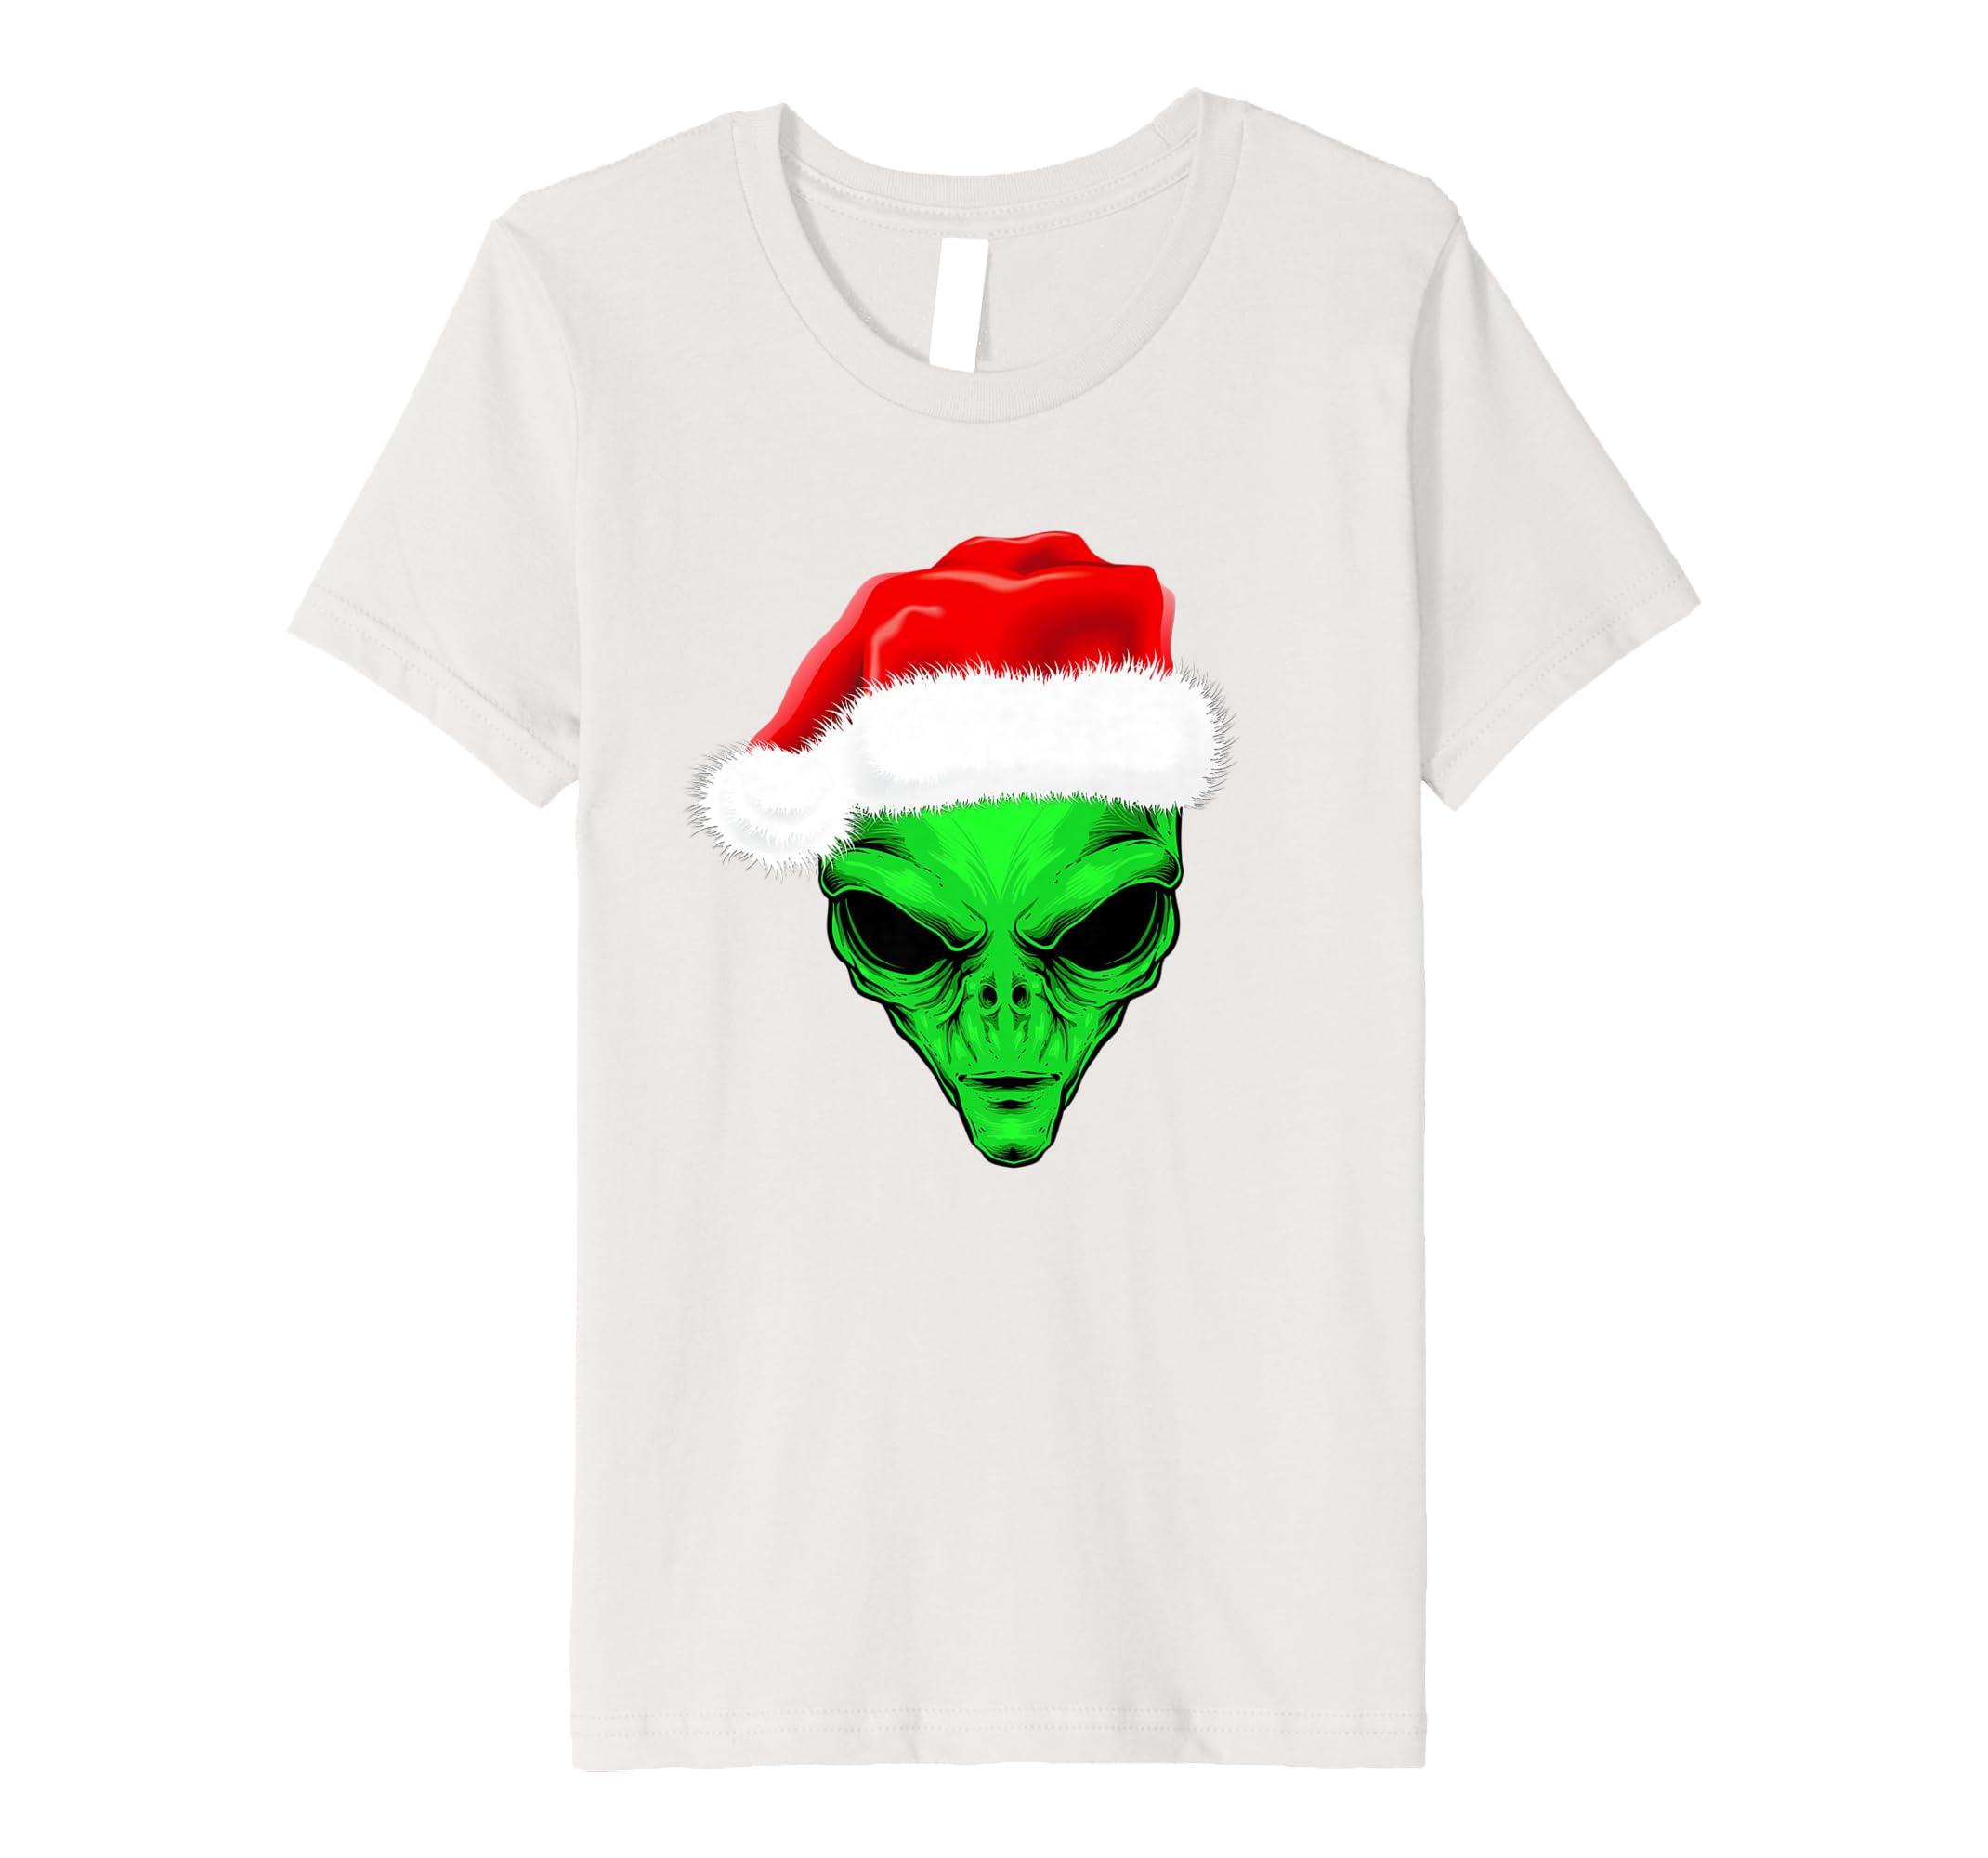 Amazon.com: Camiseta Playera Alien en navidad hombre mujeres ninos: Clothing